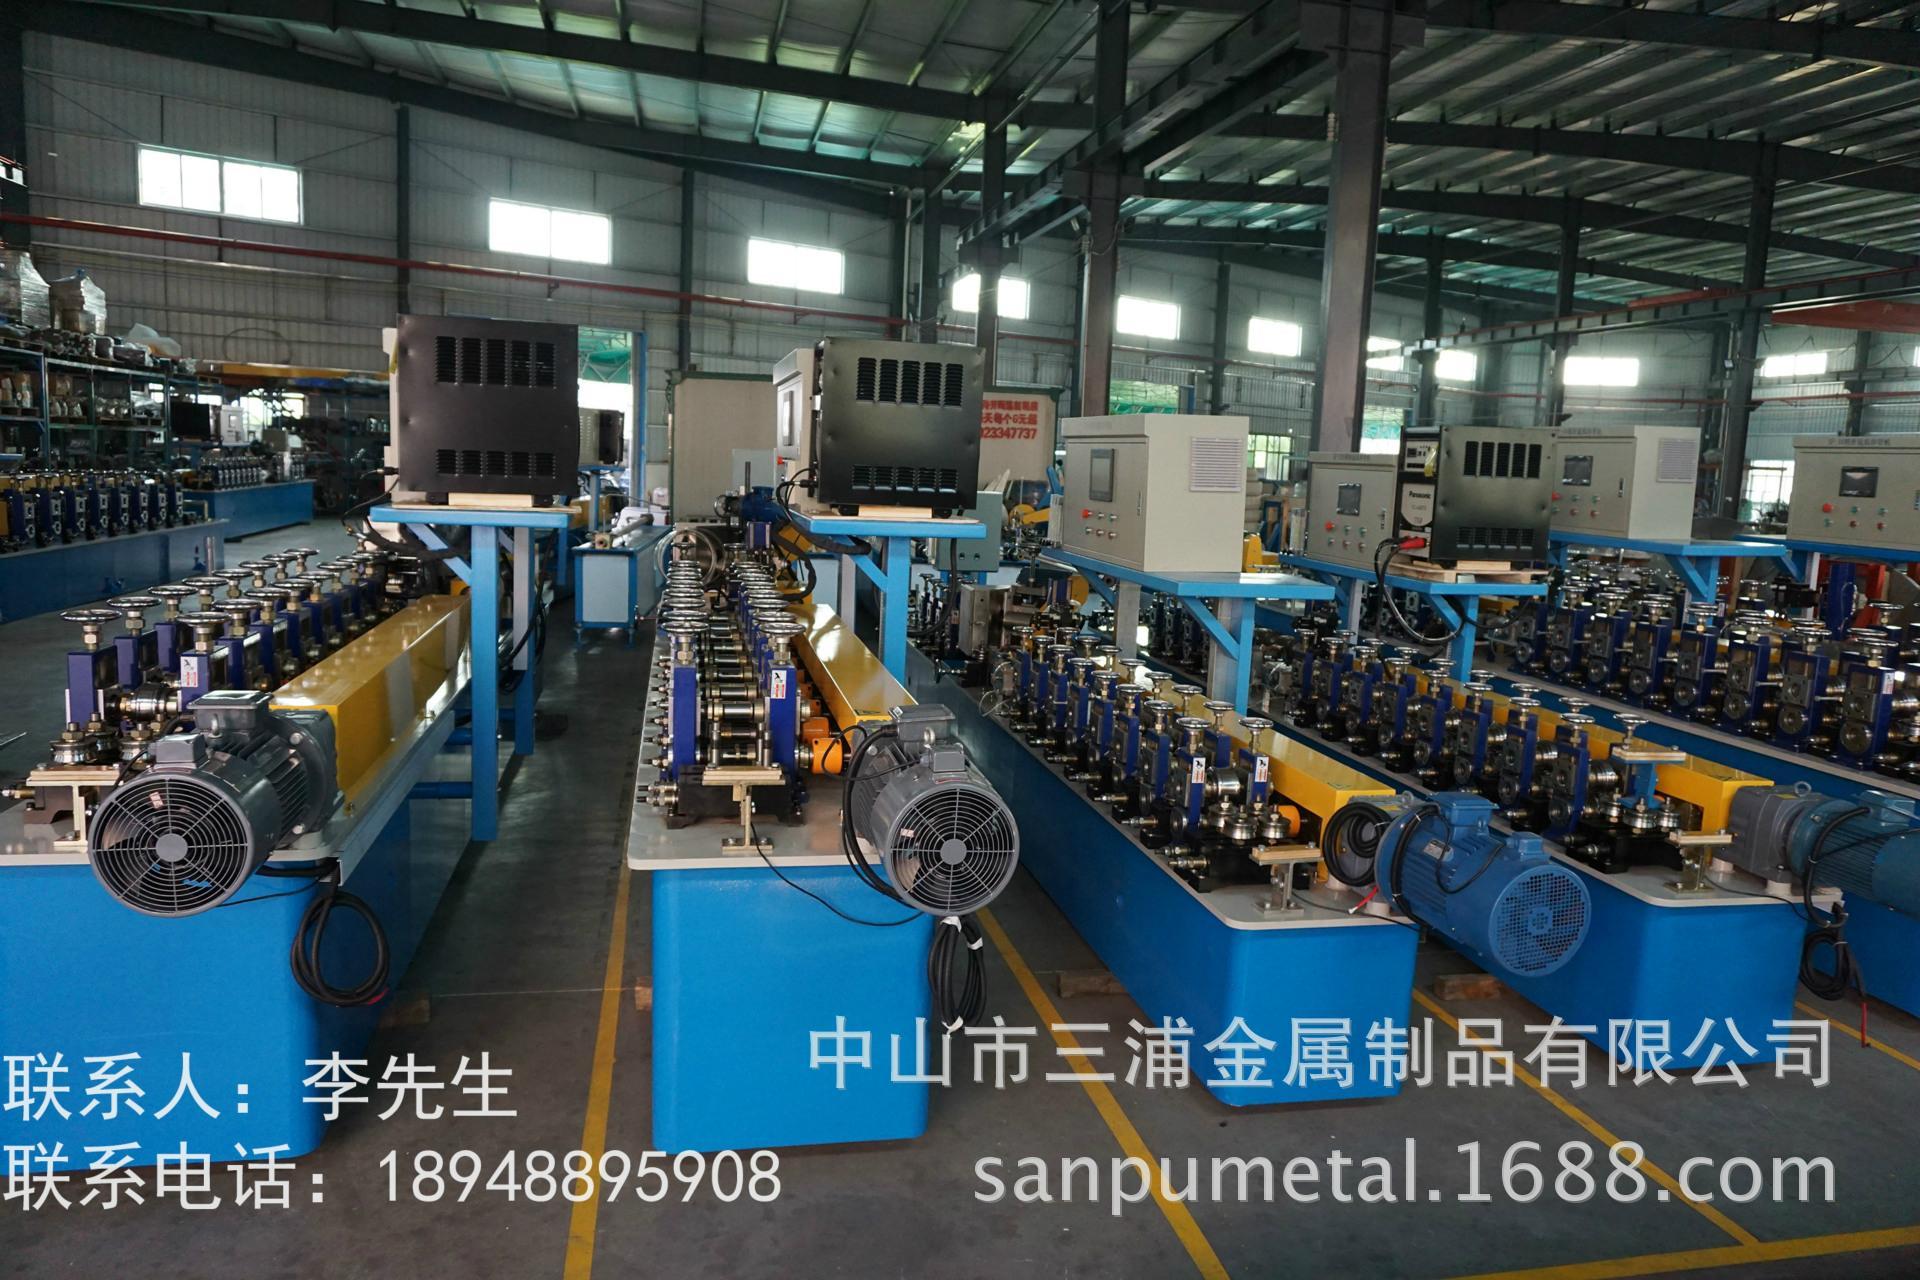 供應精密不鏽鋼焊管機組、焊管機成套設備 中山三浦金屬制品公司  1